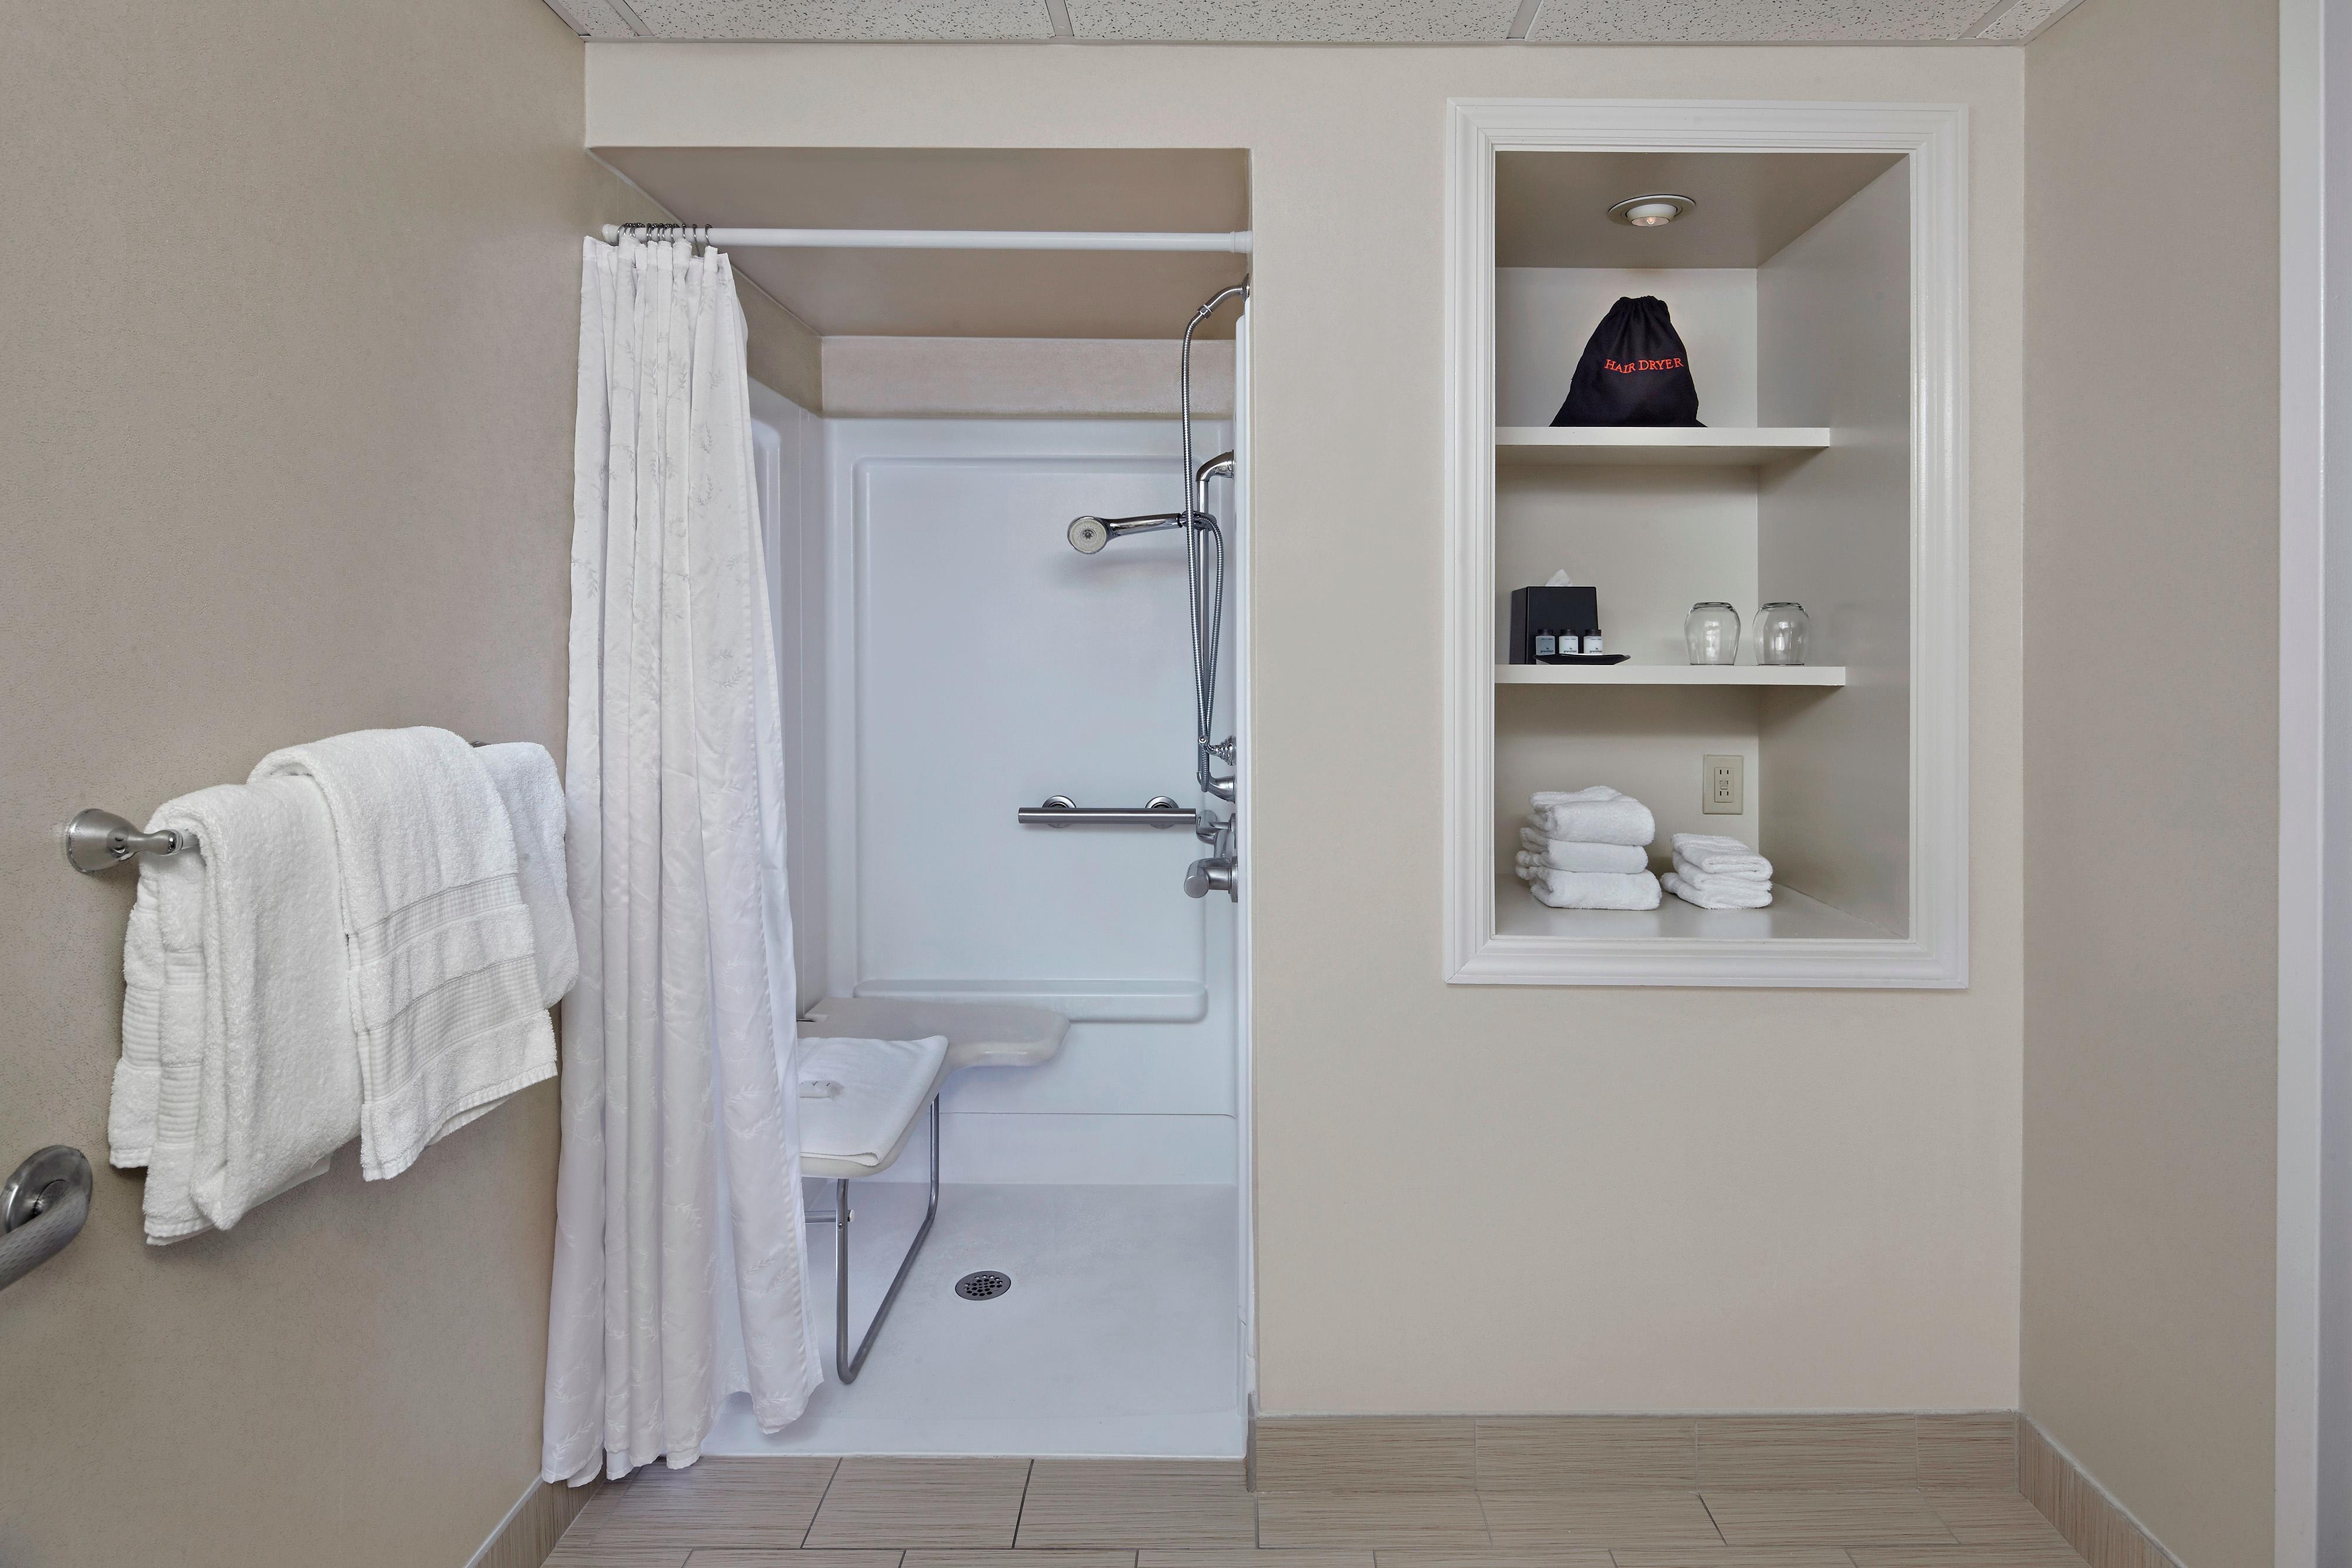 Baño accesible para personas con necesidades especiales